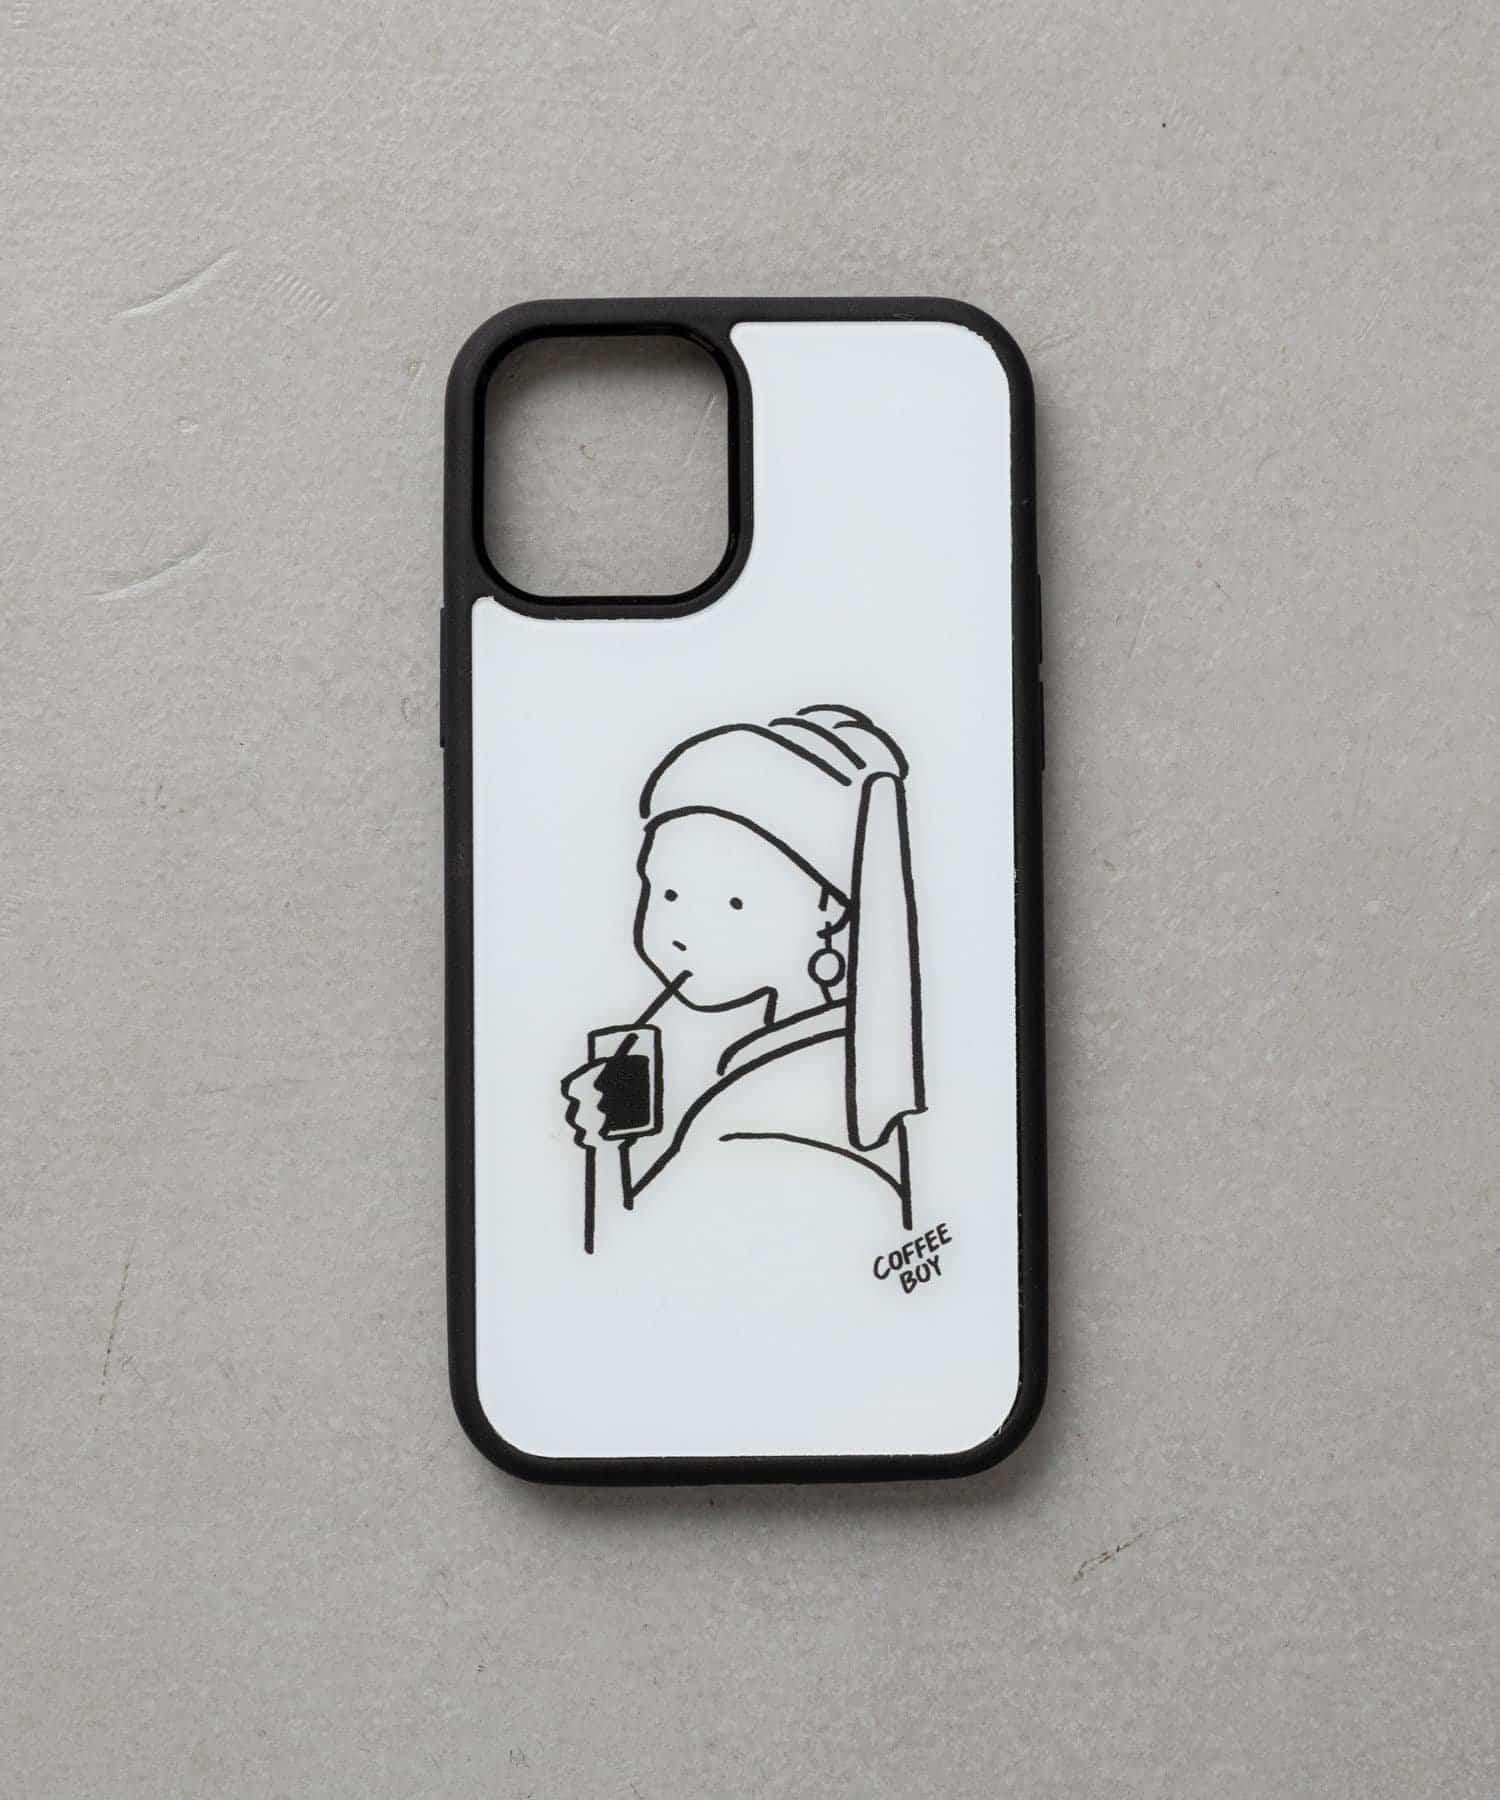 BIRTHDAY BAR(バースデイバー) レディース 【受注予約】COFFEE BOY iPhoneケース その他5